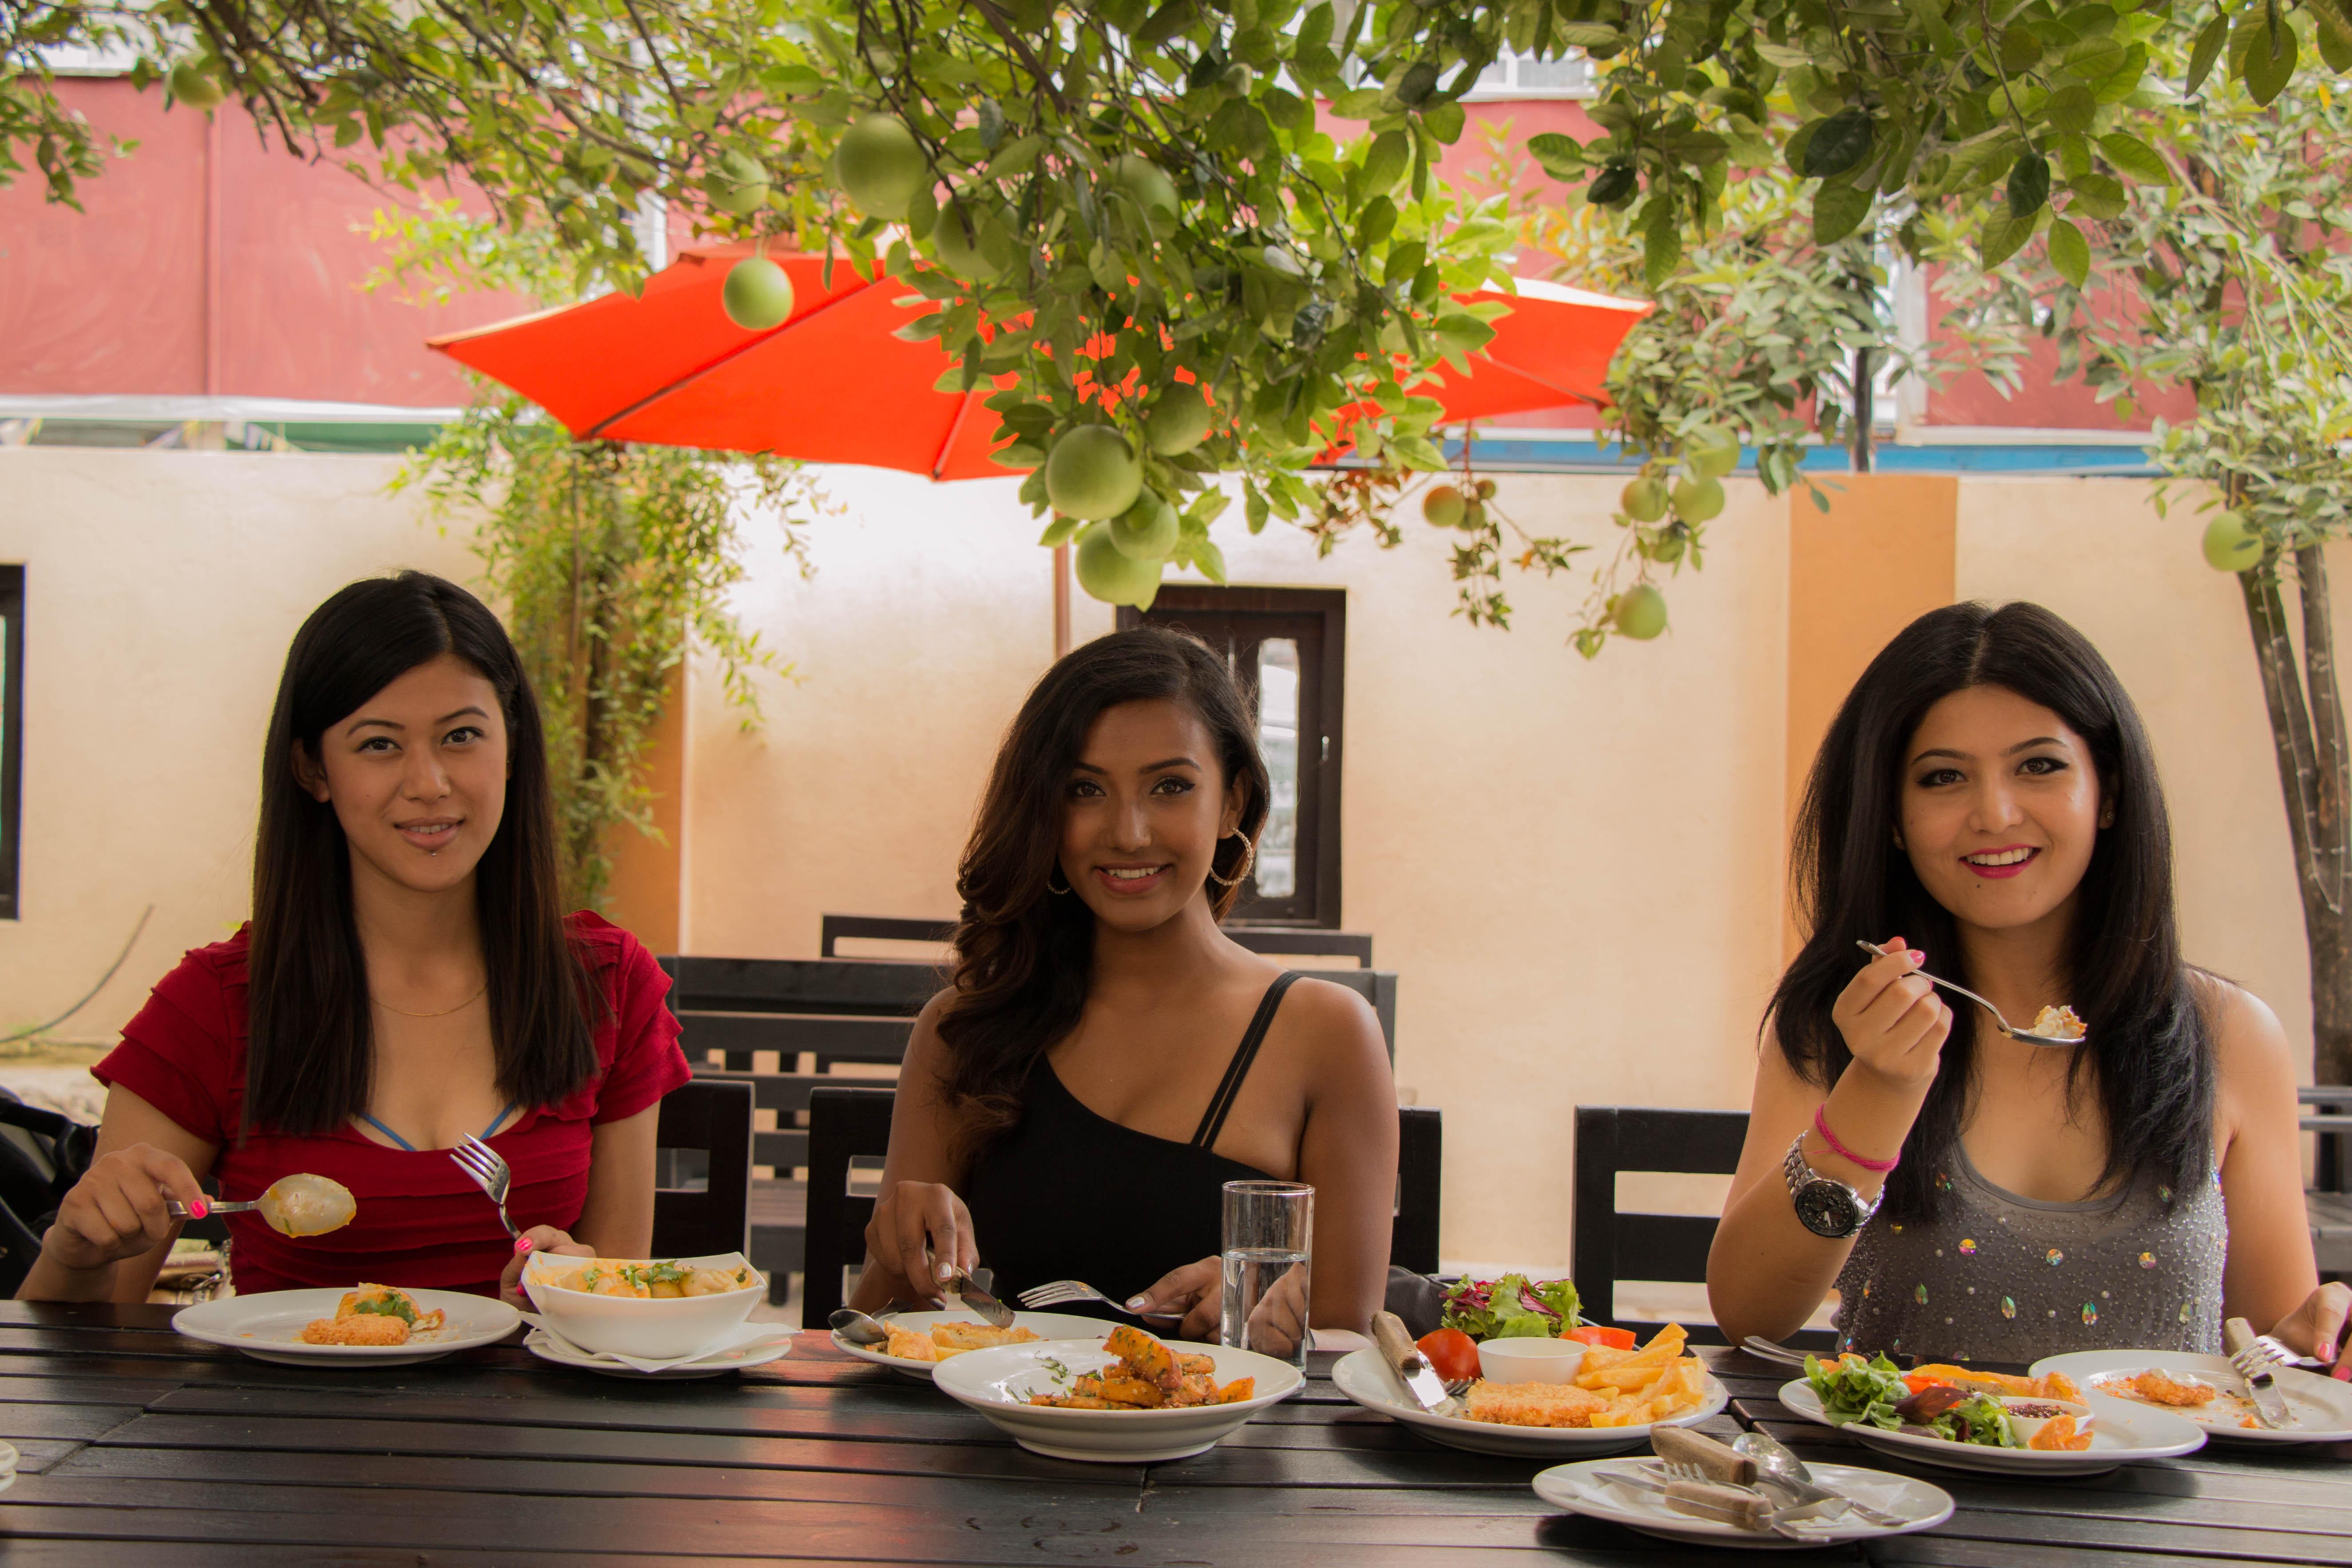 From left to right: nAlka Rai, Model nSrijana Regmi, Miss Glam Hunt 2014nSonie Rajbhandari, Miss Nepal Earth 2014